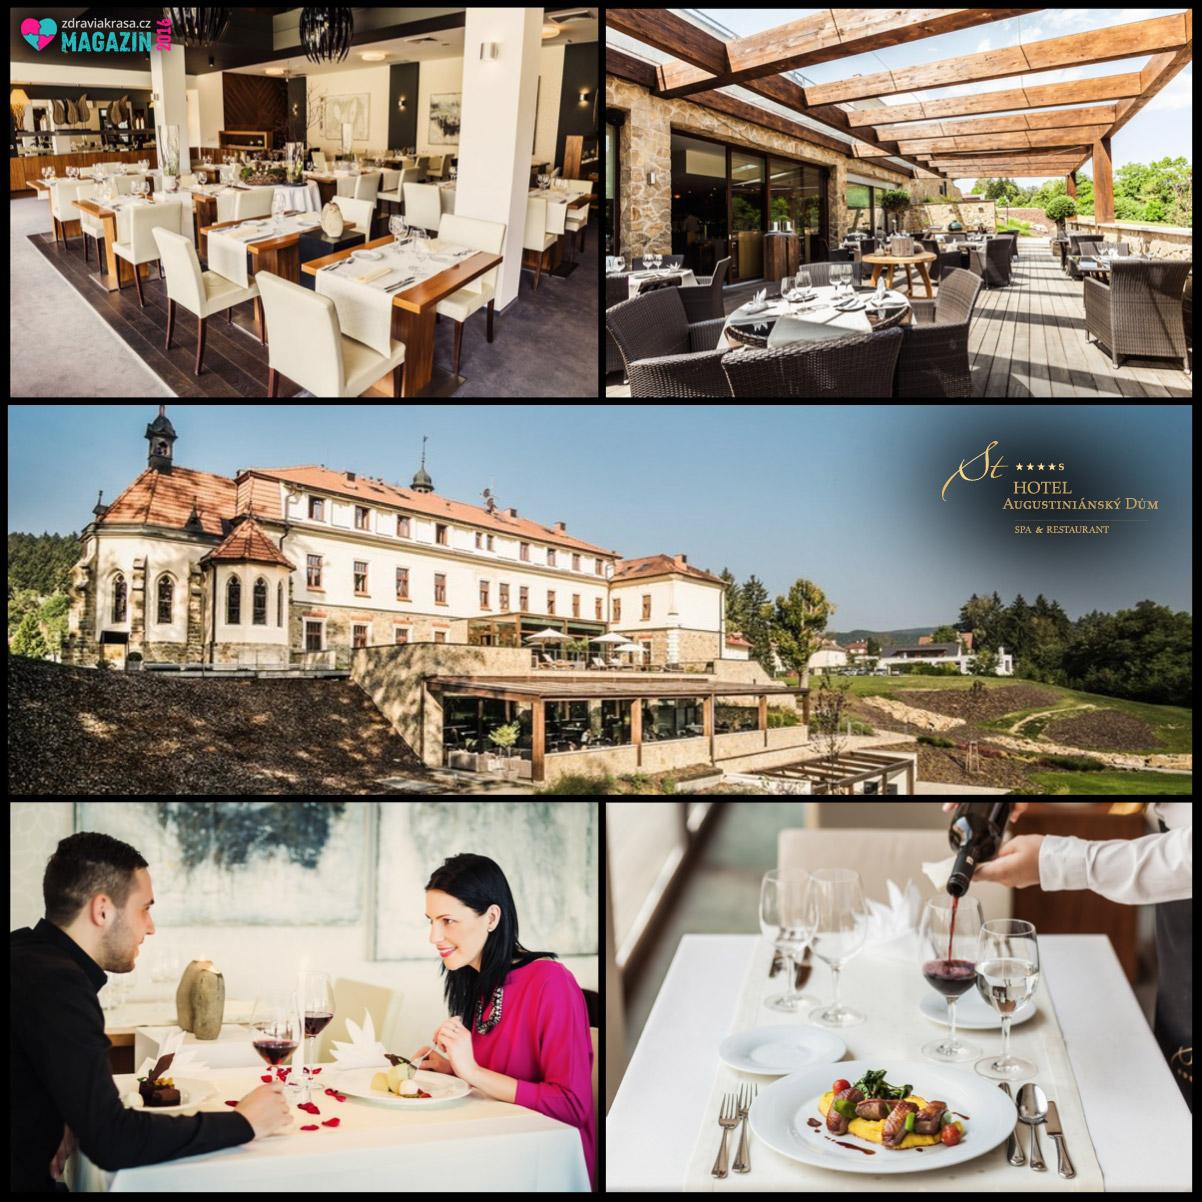 Restaurace Symfonie hotelu Augustiniánský dům nabízí nejen chuťové zážitky, ale i zážitky luxusní lázeňské atmosféry.